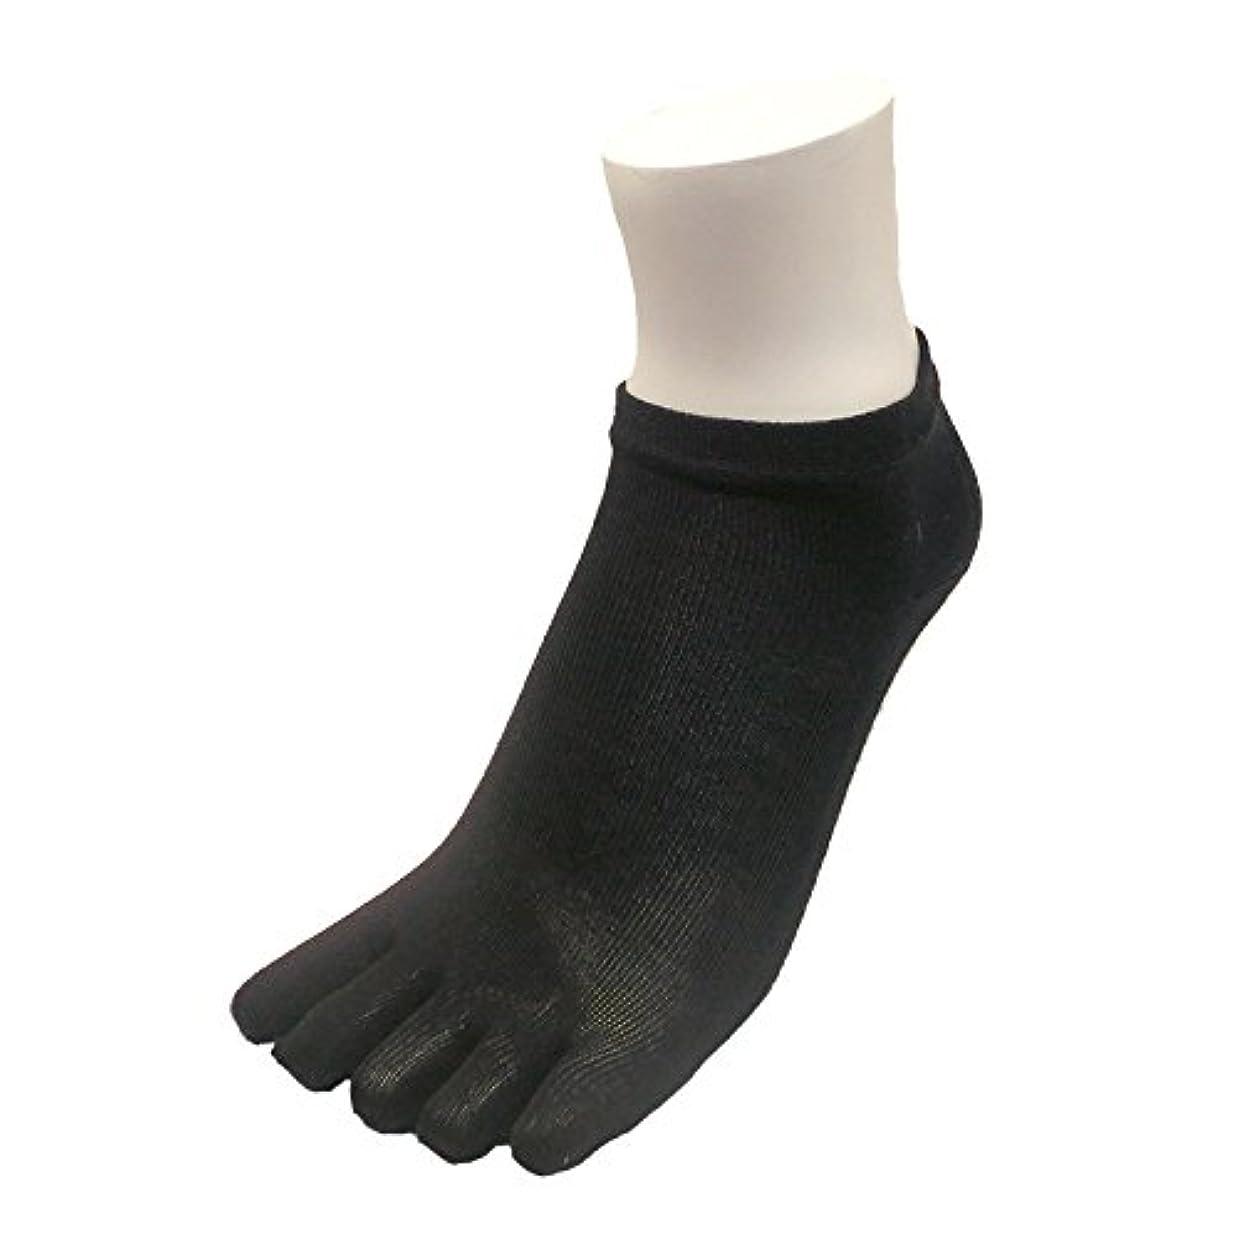 マラソン酔う基礎理論シルク 五本指 ソックス 23-25cm 日本製 (ブラック3足セット)絹 靴下